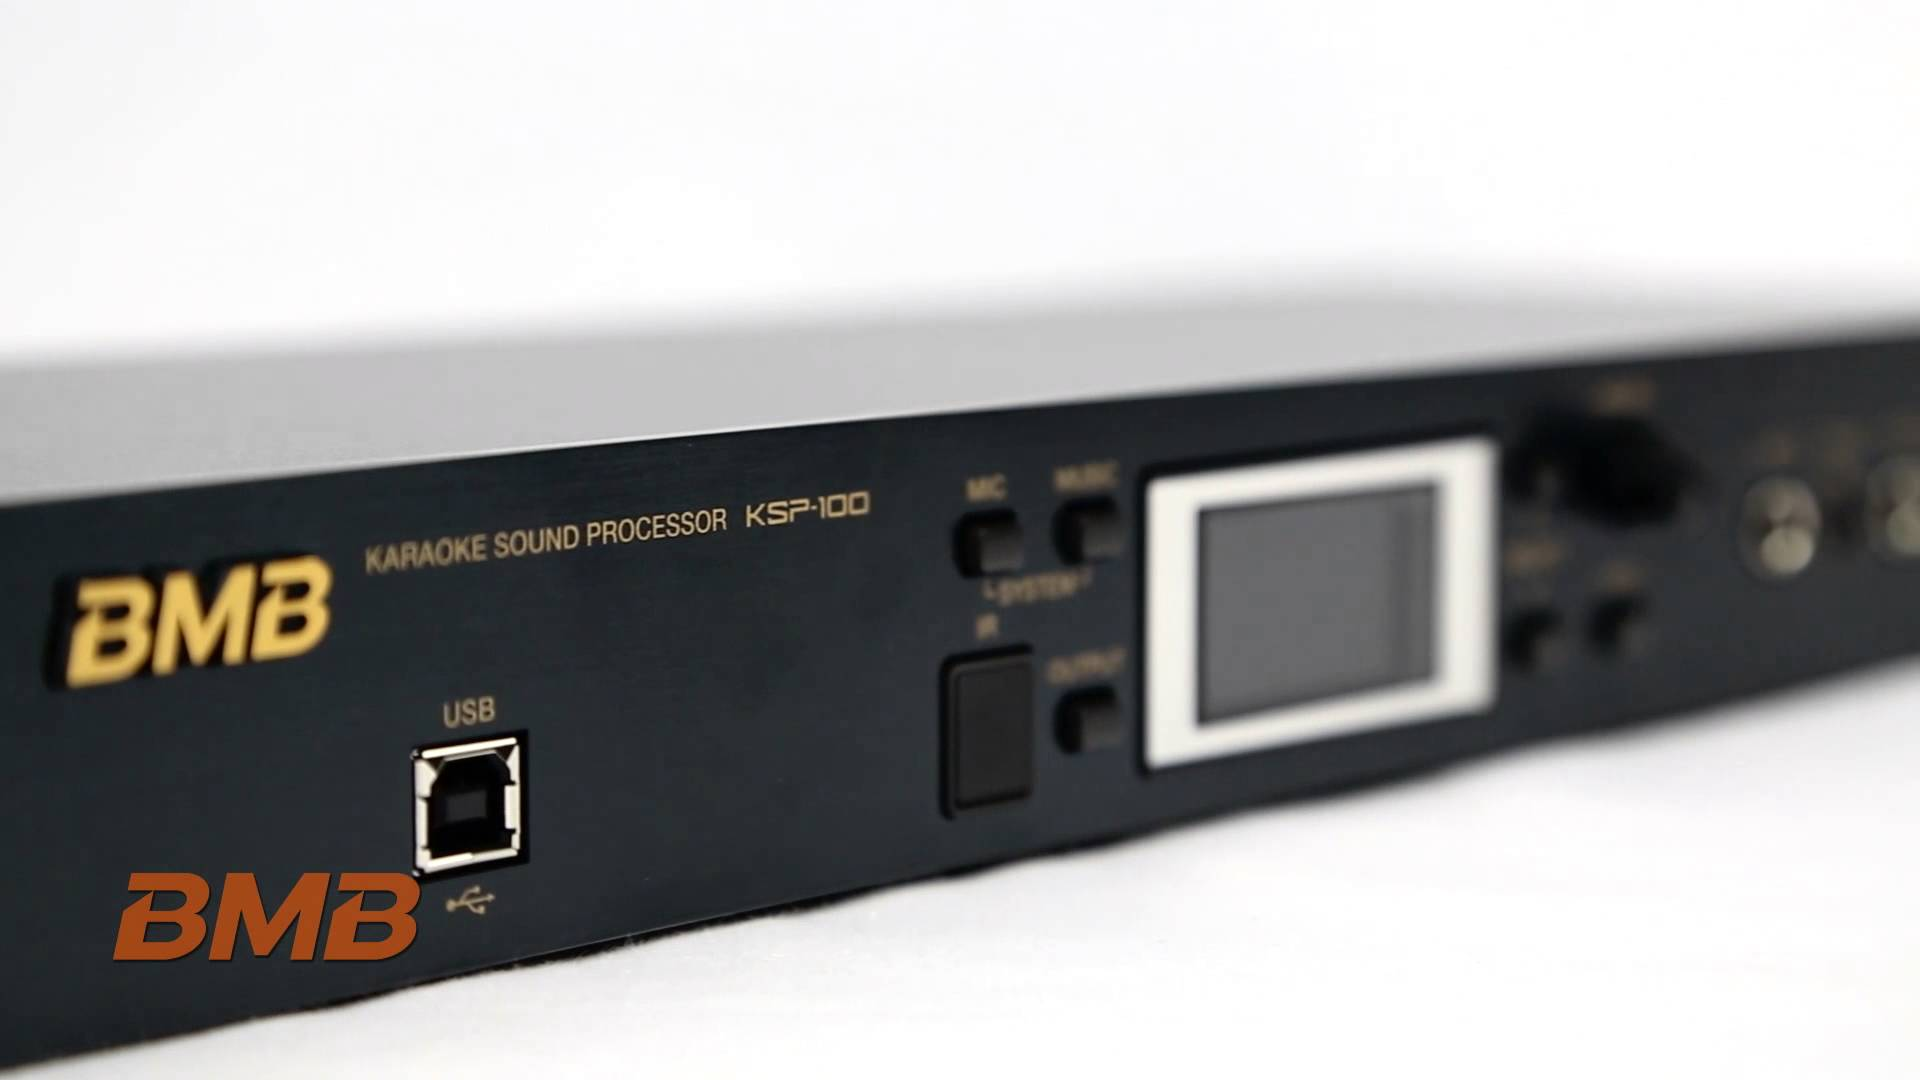 Kết quả hình ảnh cho Mô tả bộ xử lý Karaoke Processor BMB 100